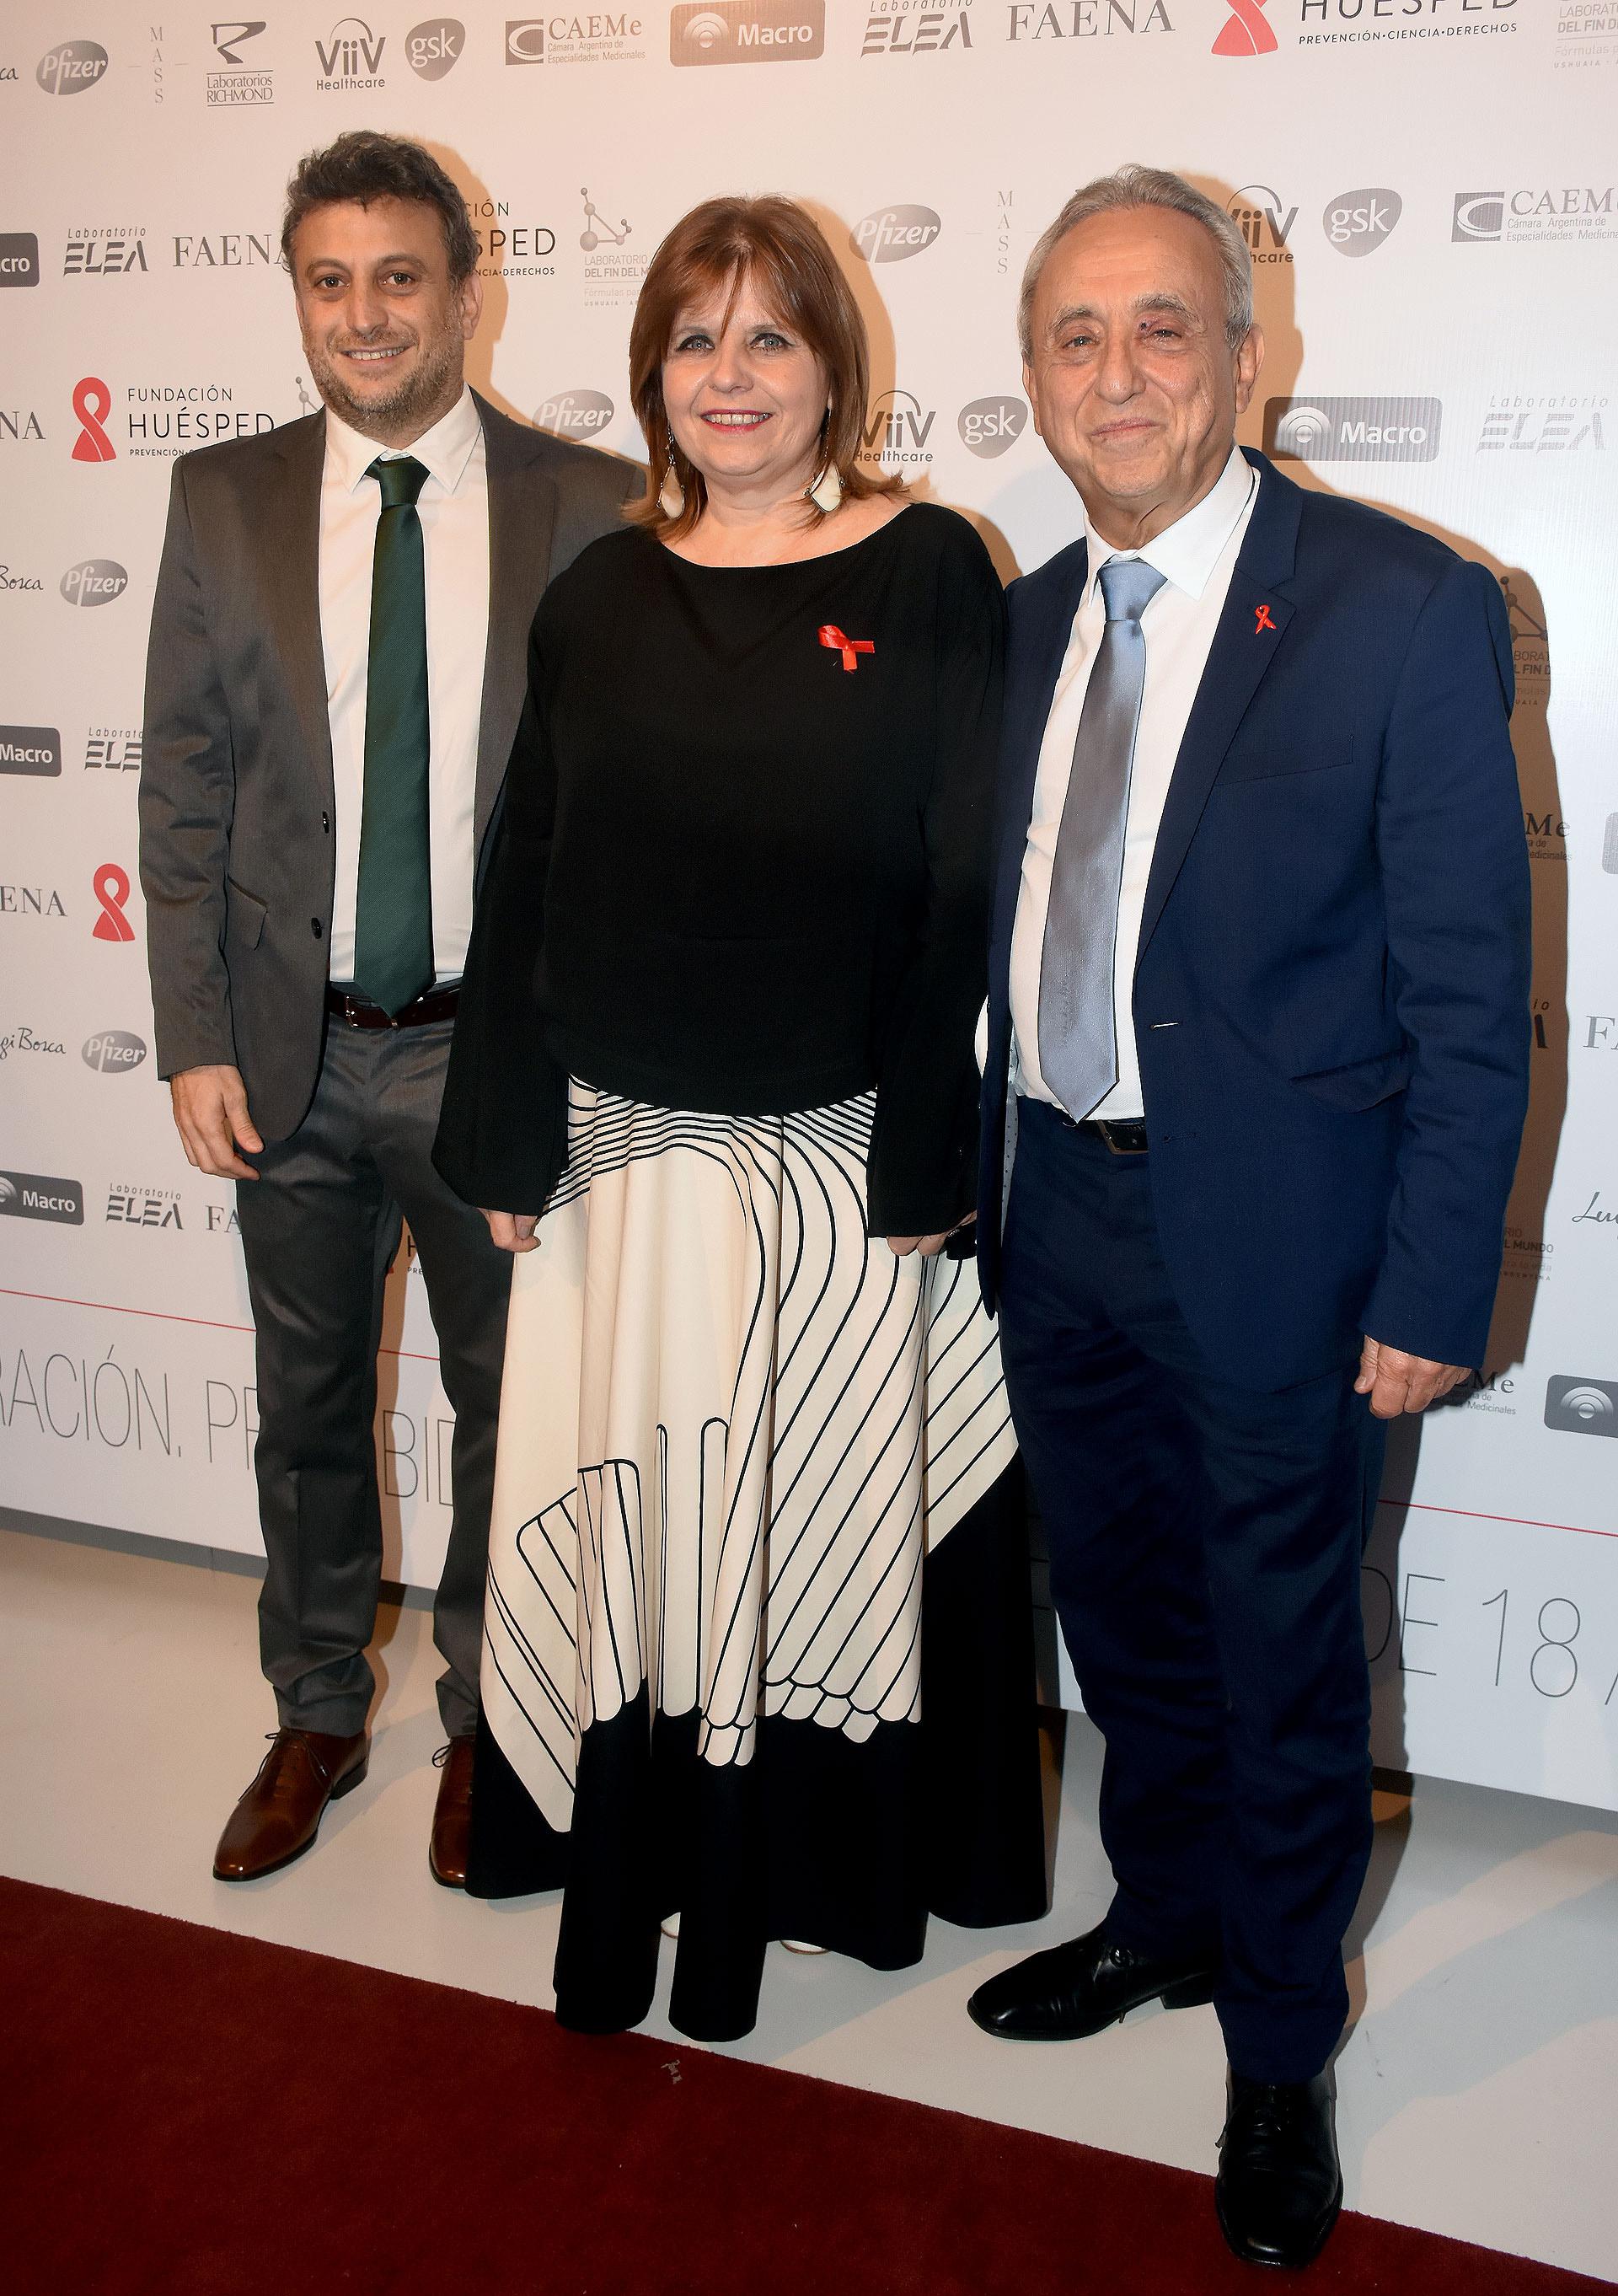 Leandro y Pedro Cahn junto a la ministra de Salud porteña, Ana María Bou Pérez